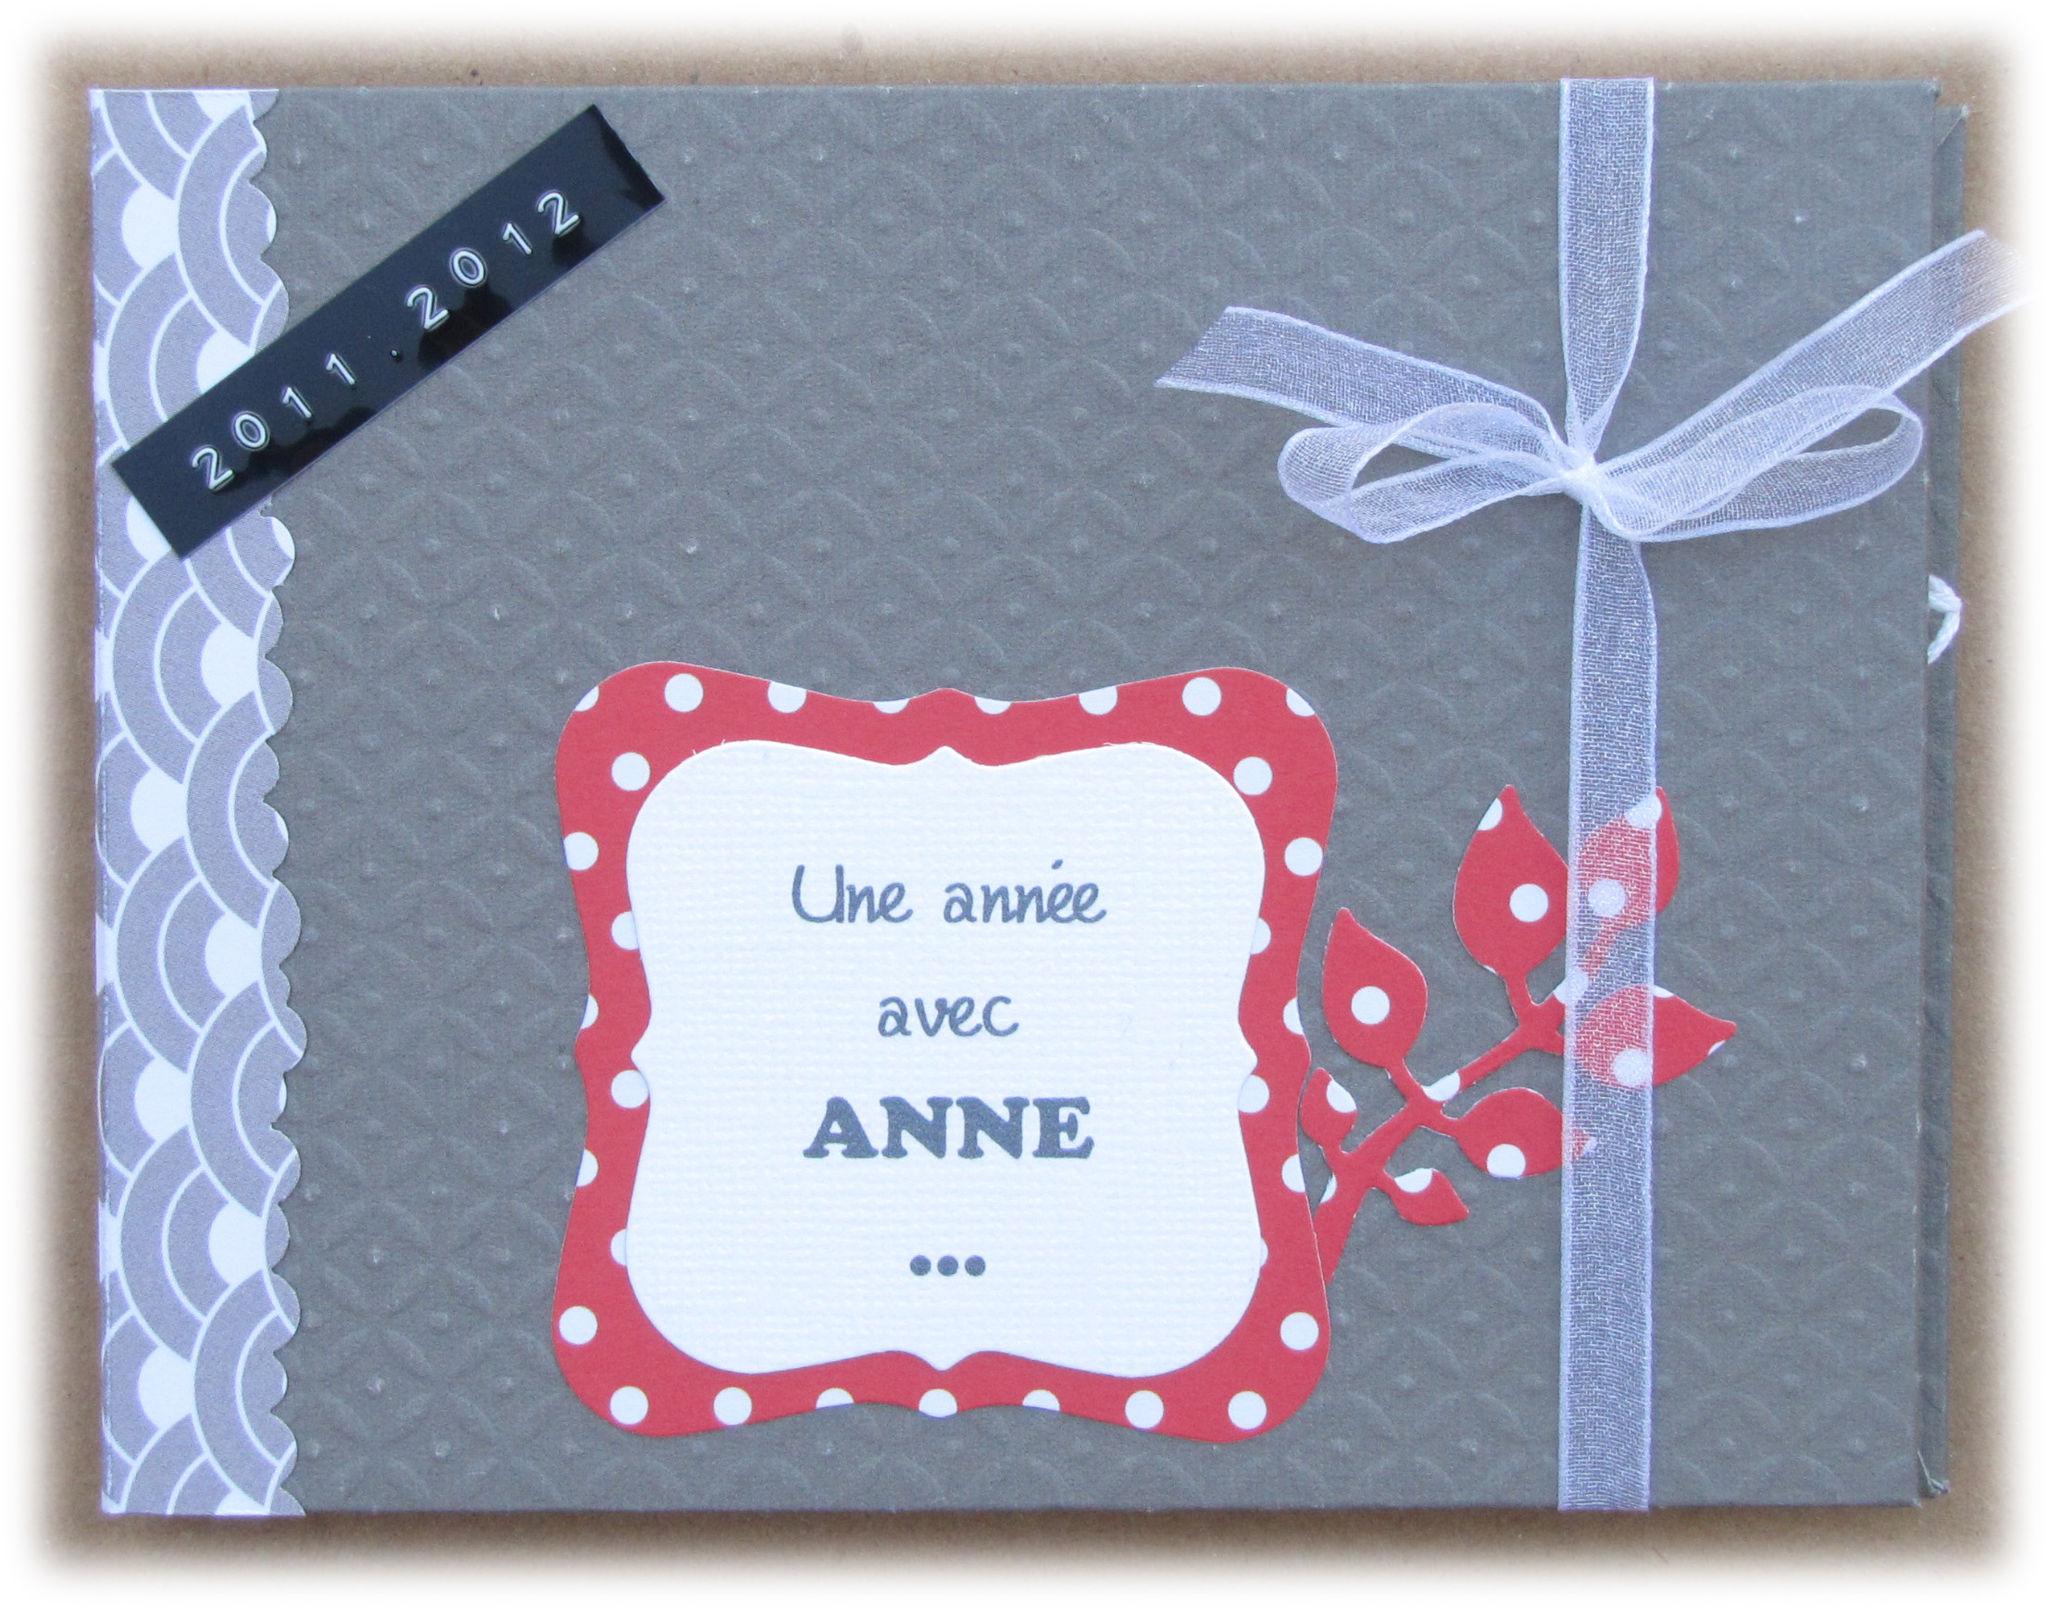 040712 - Mini Une année avec Anne_1